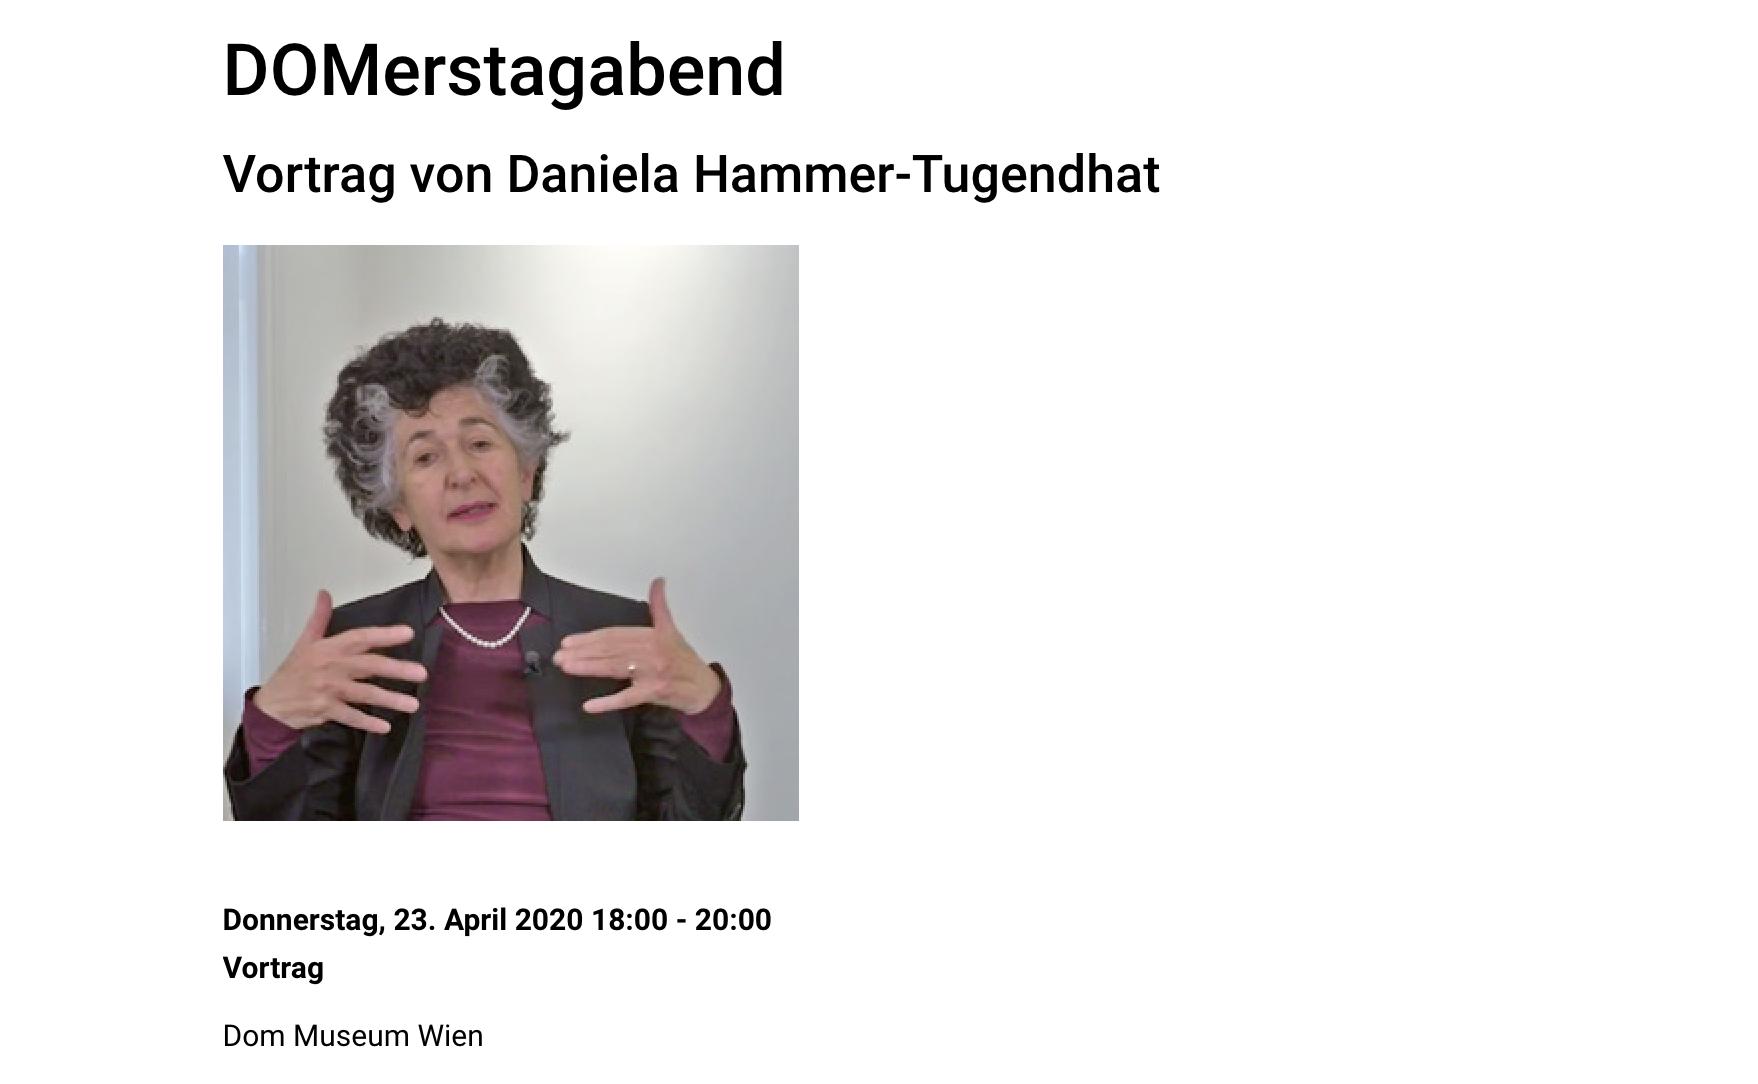 DO Merstagabend Vortrag von Daniela Hammer Tugendhat